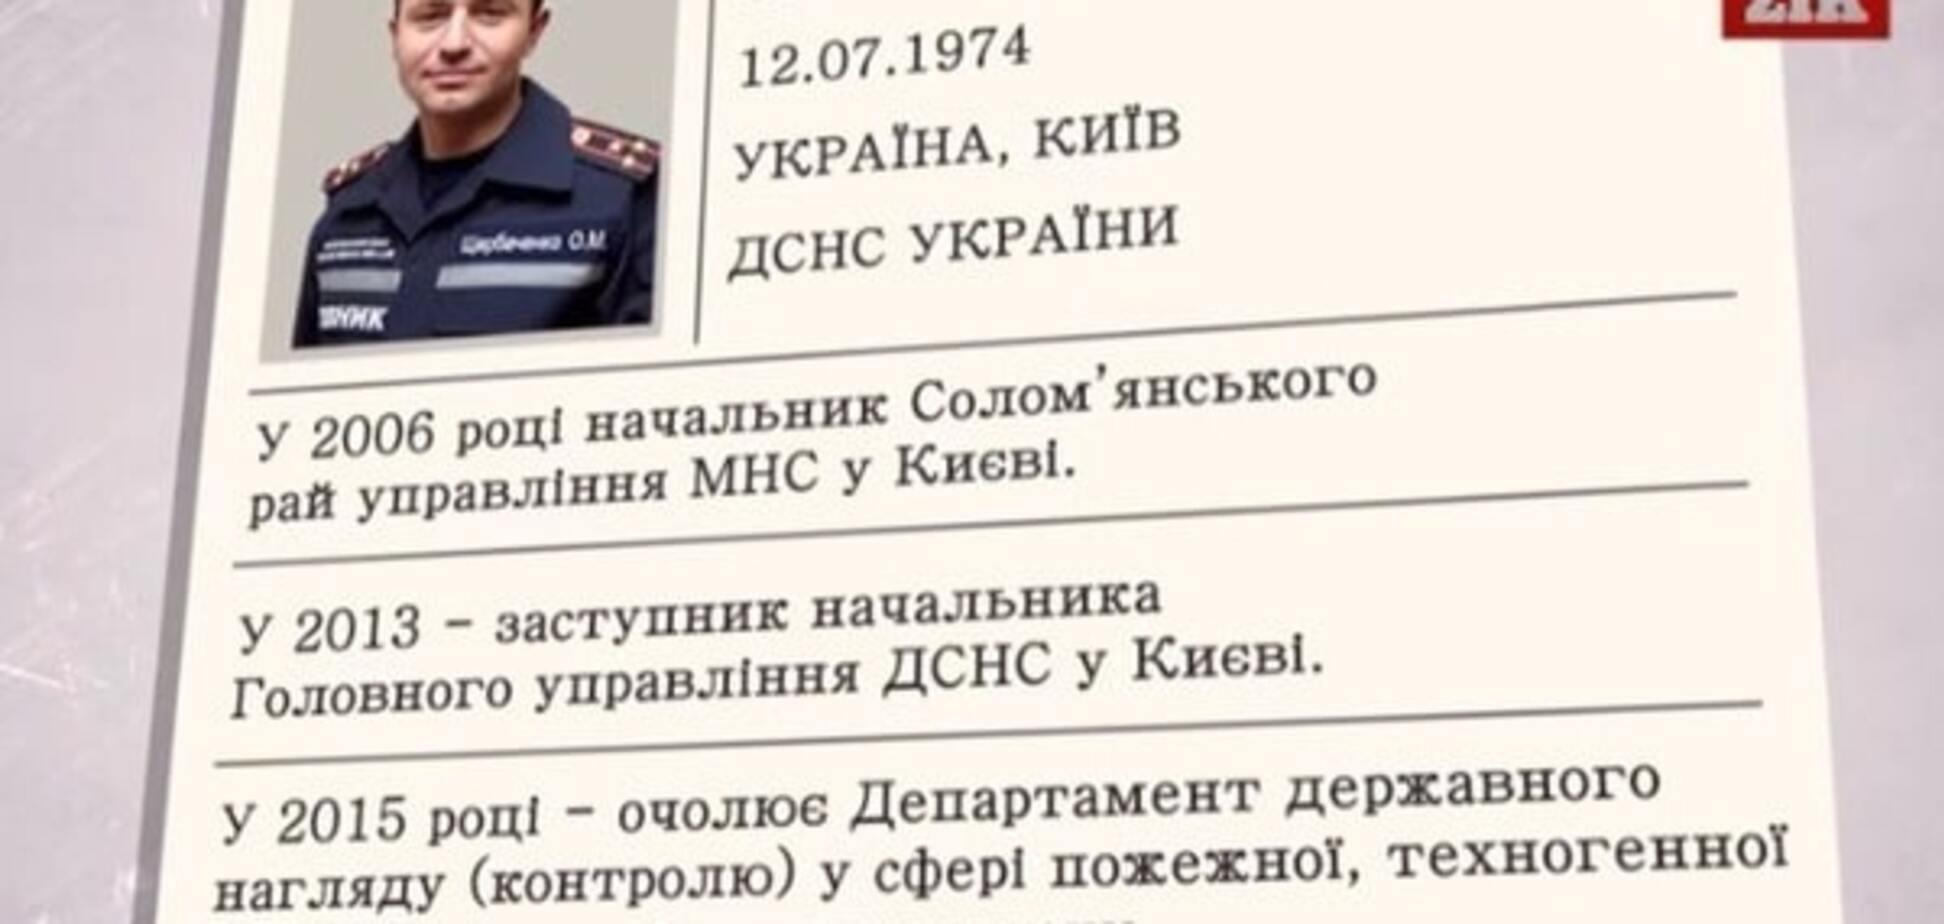 Аваков схвалив: головний пожежник України пов'язаний з фірмою, яка обслуговує ДСНС